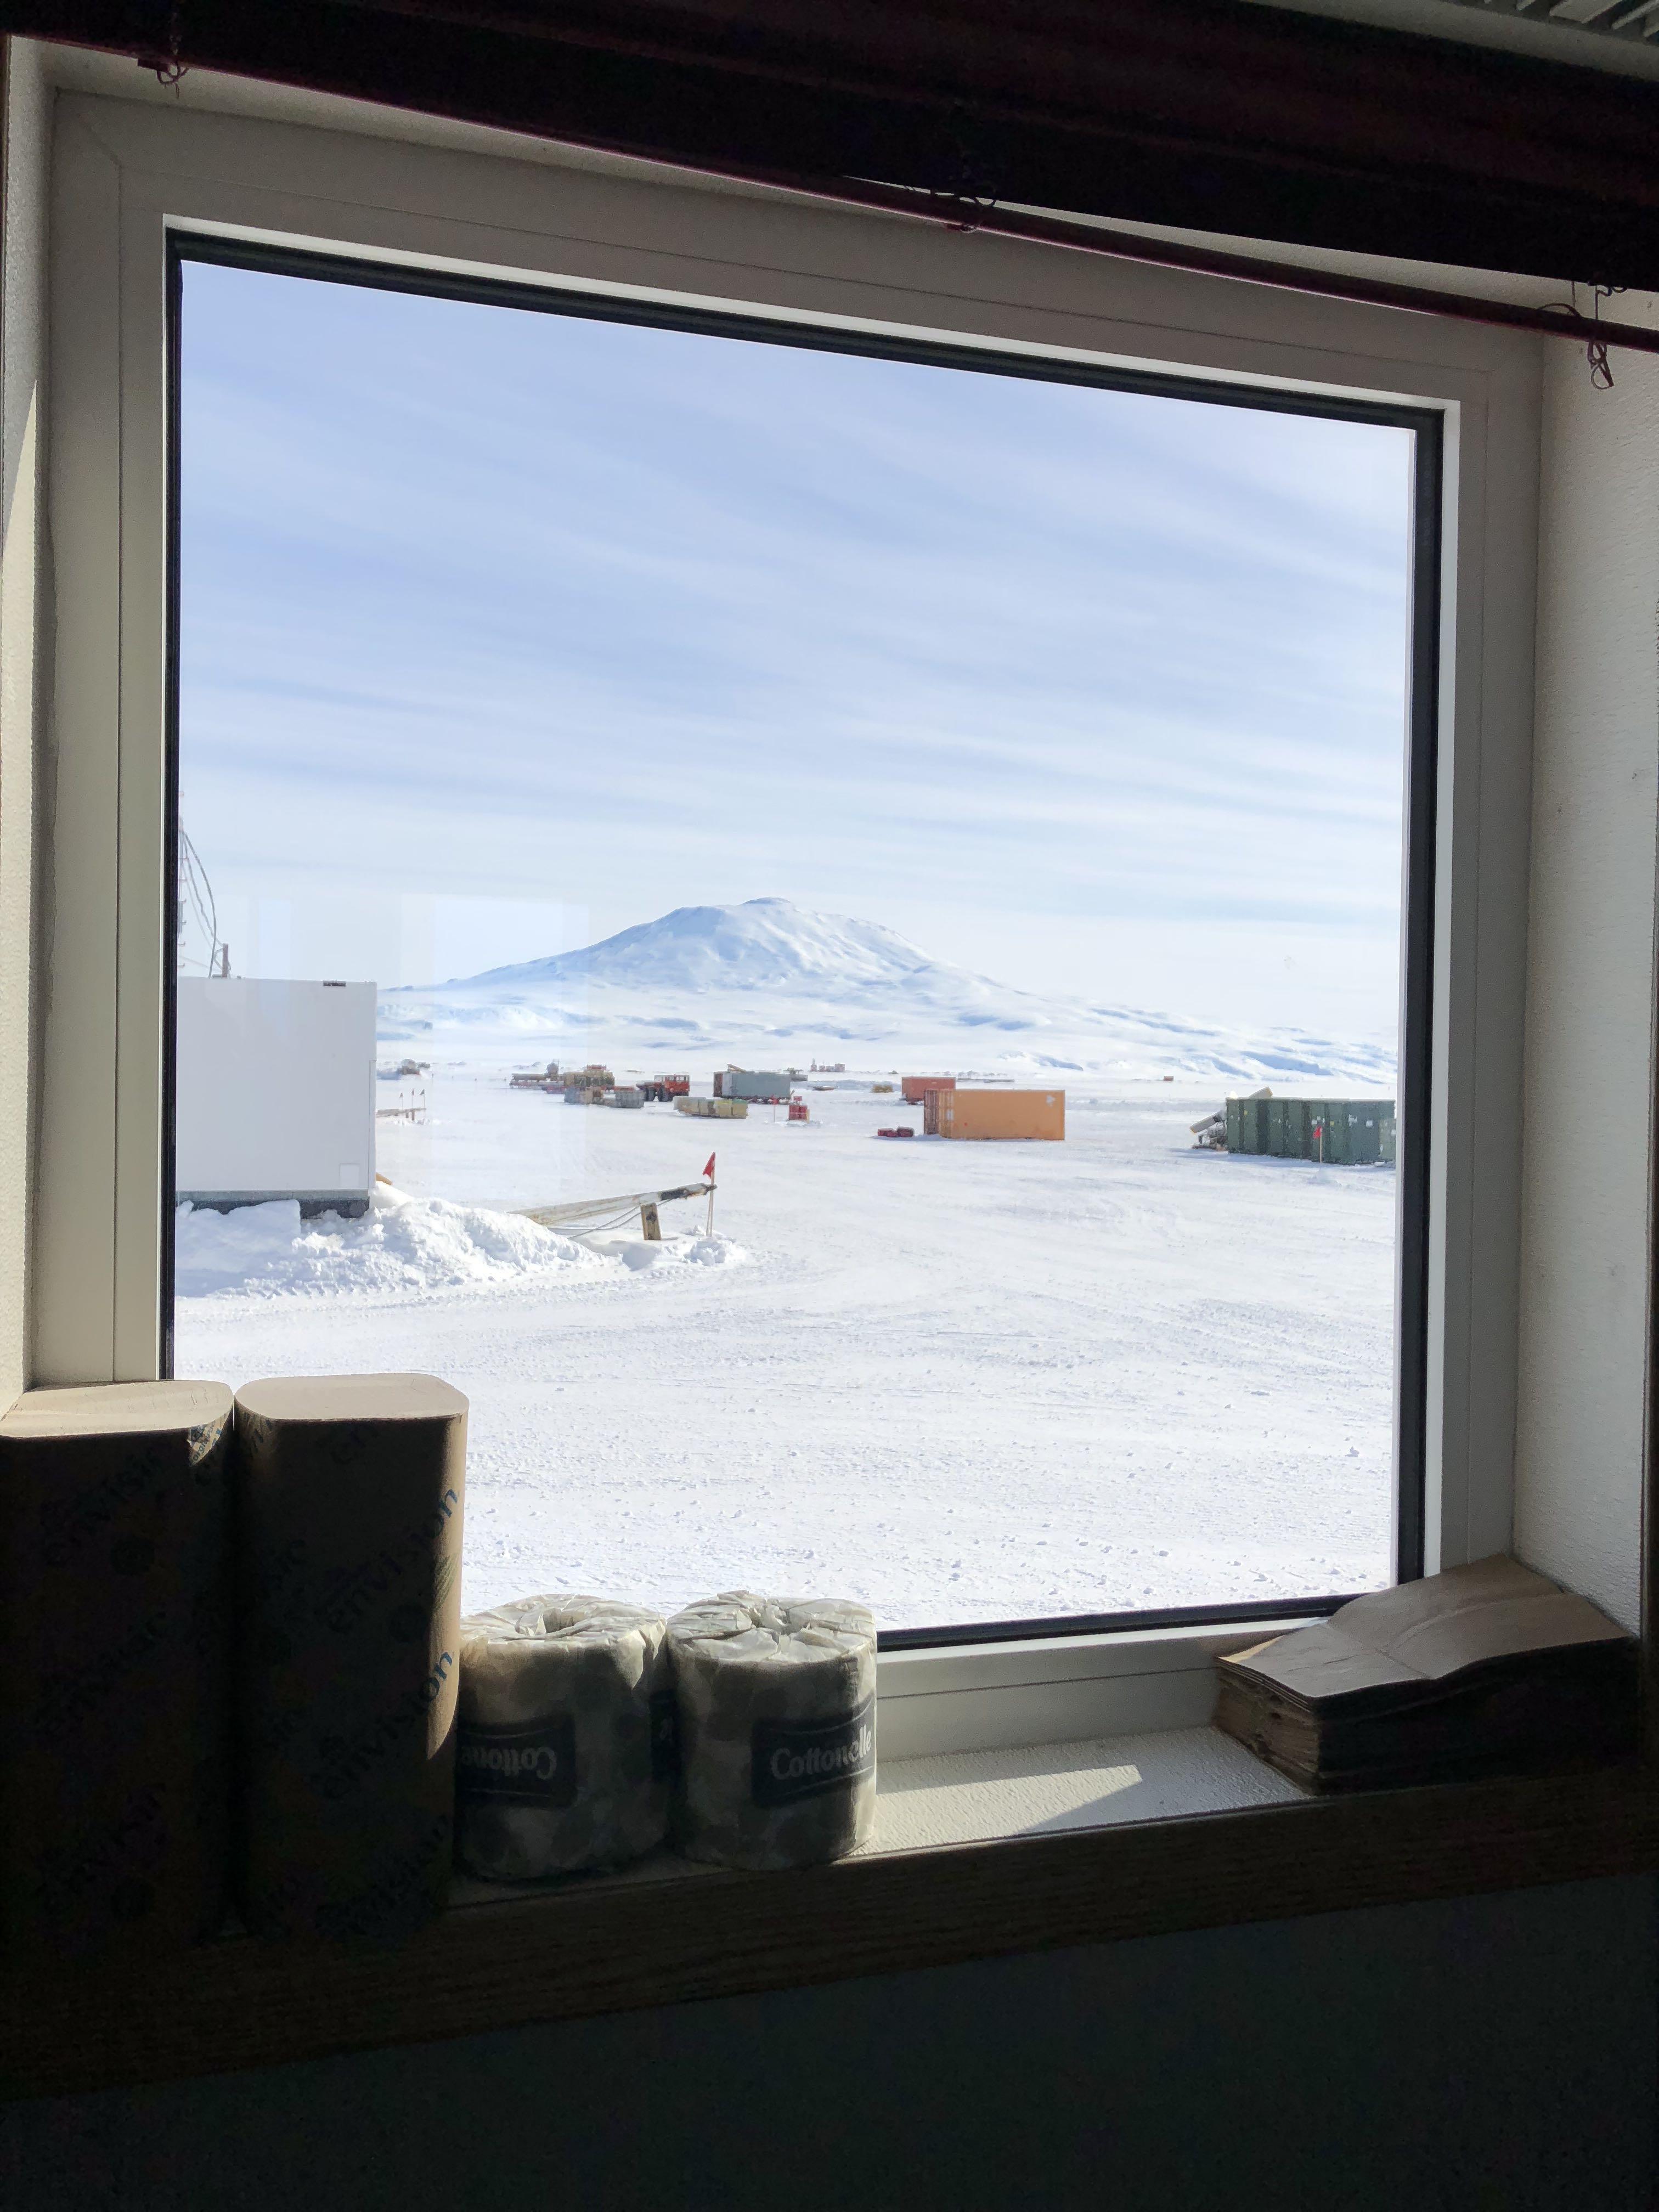 Mt. Erebus framed